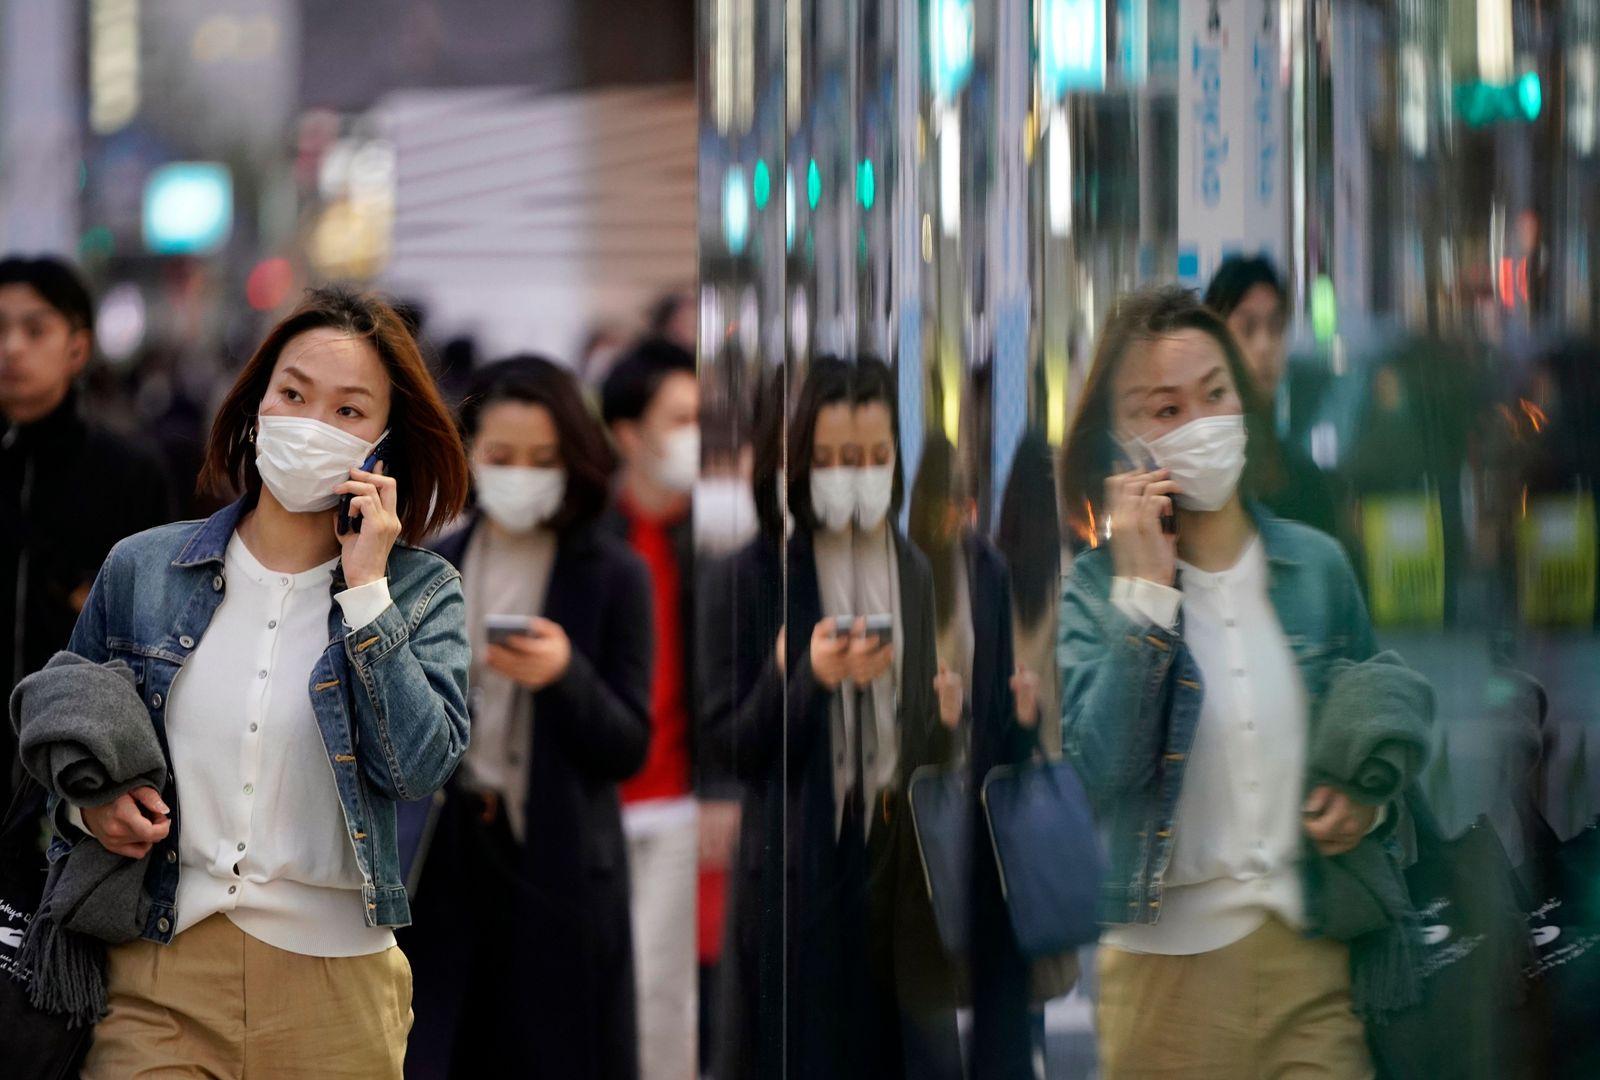 Coronavirus pandemic in Japan, Tokyo - 27 Mar 2020